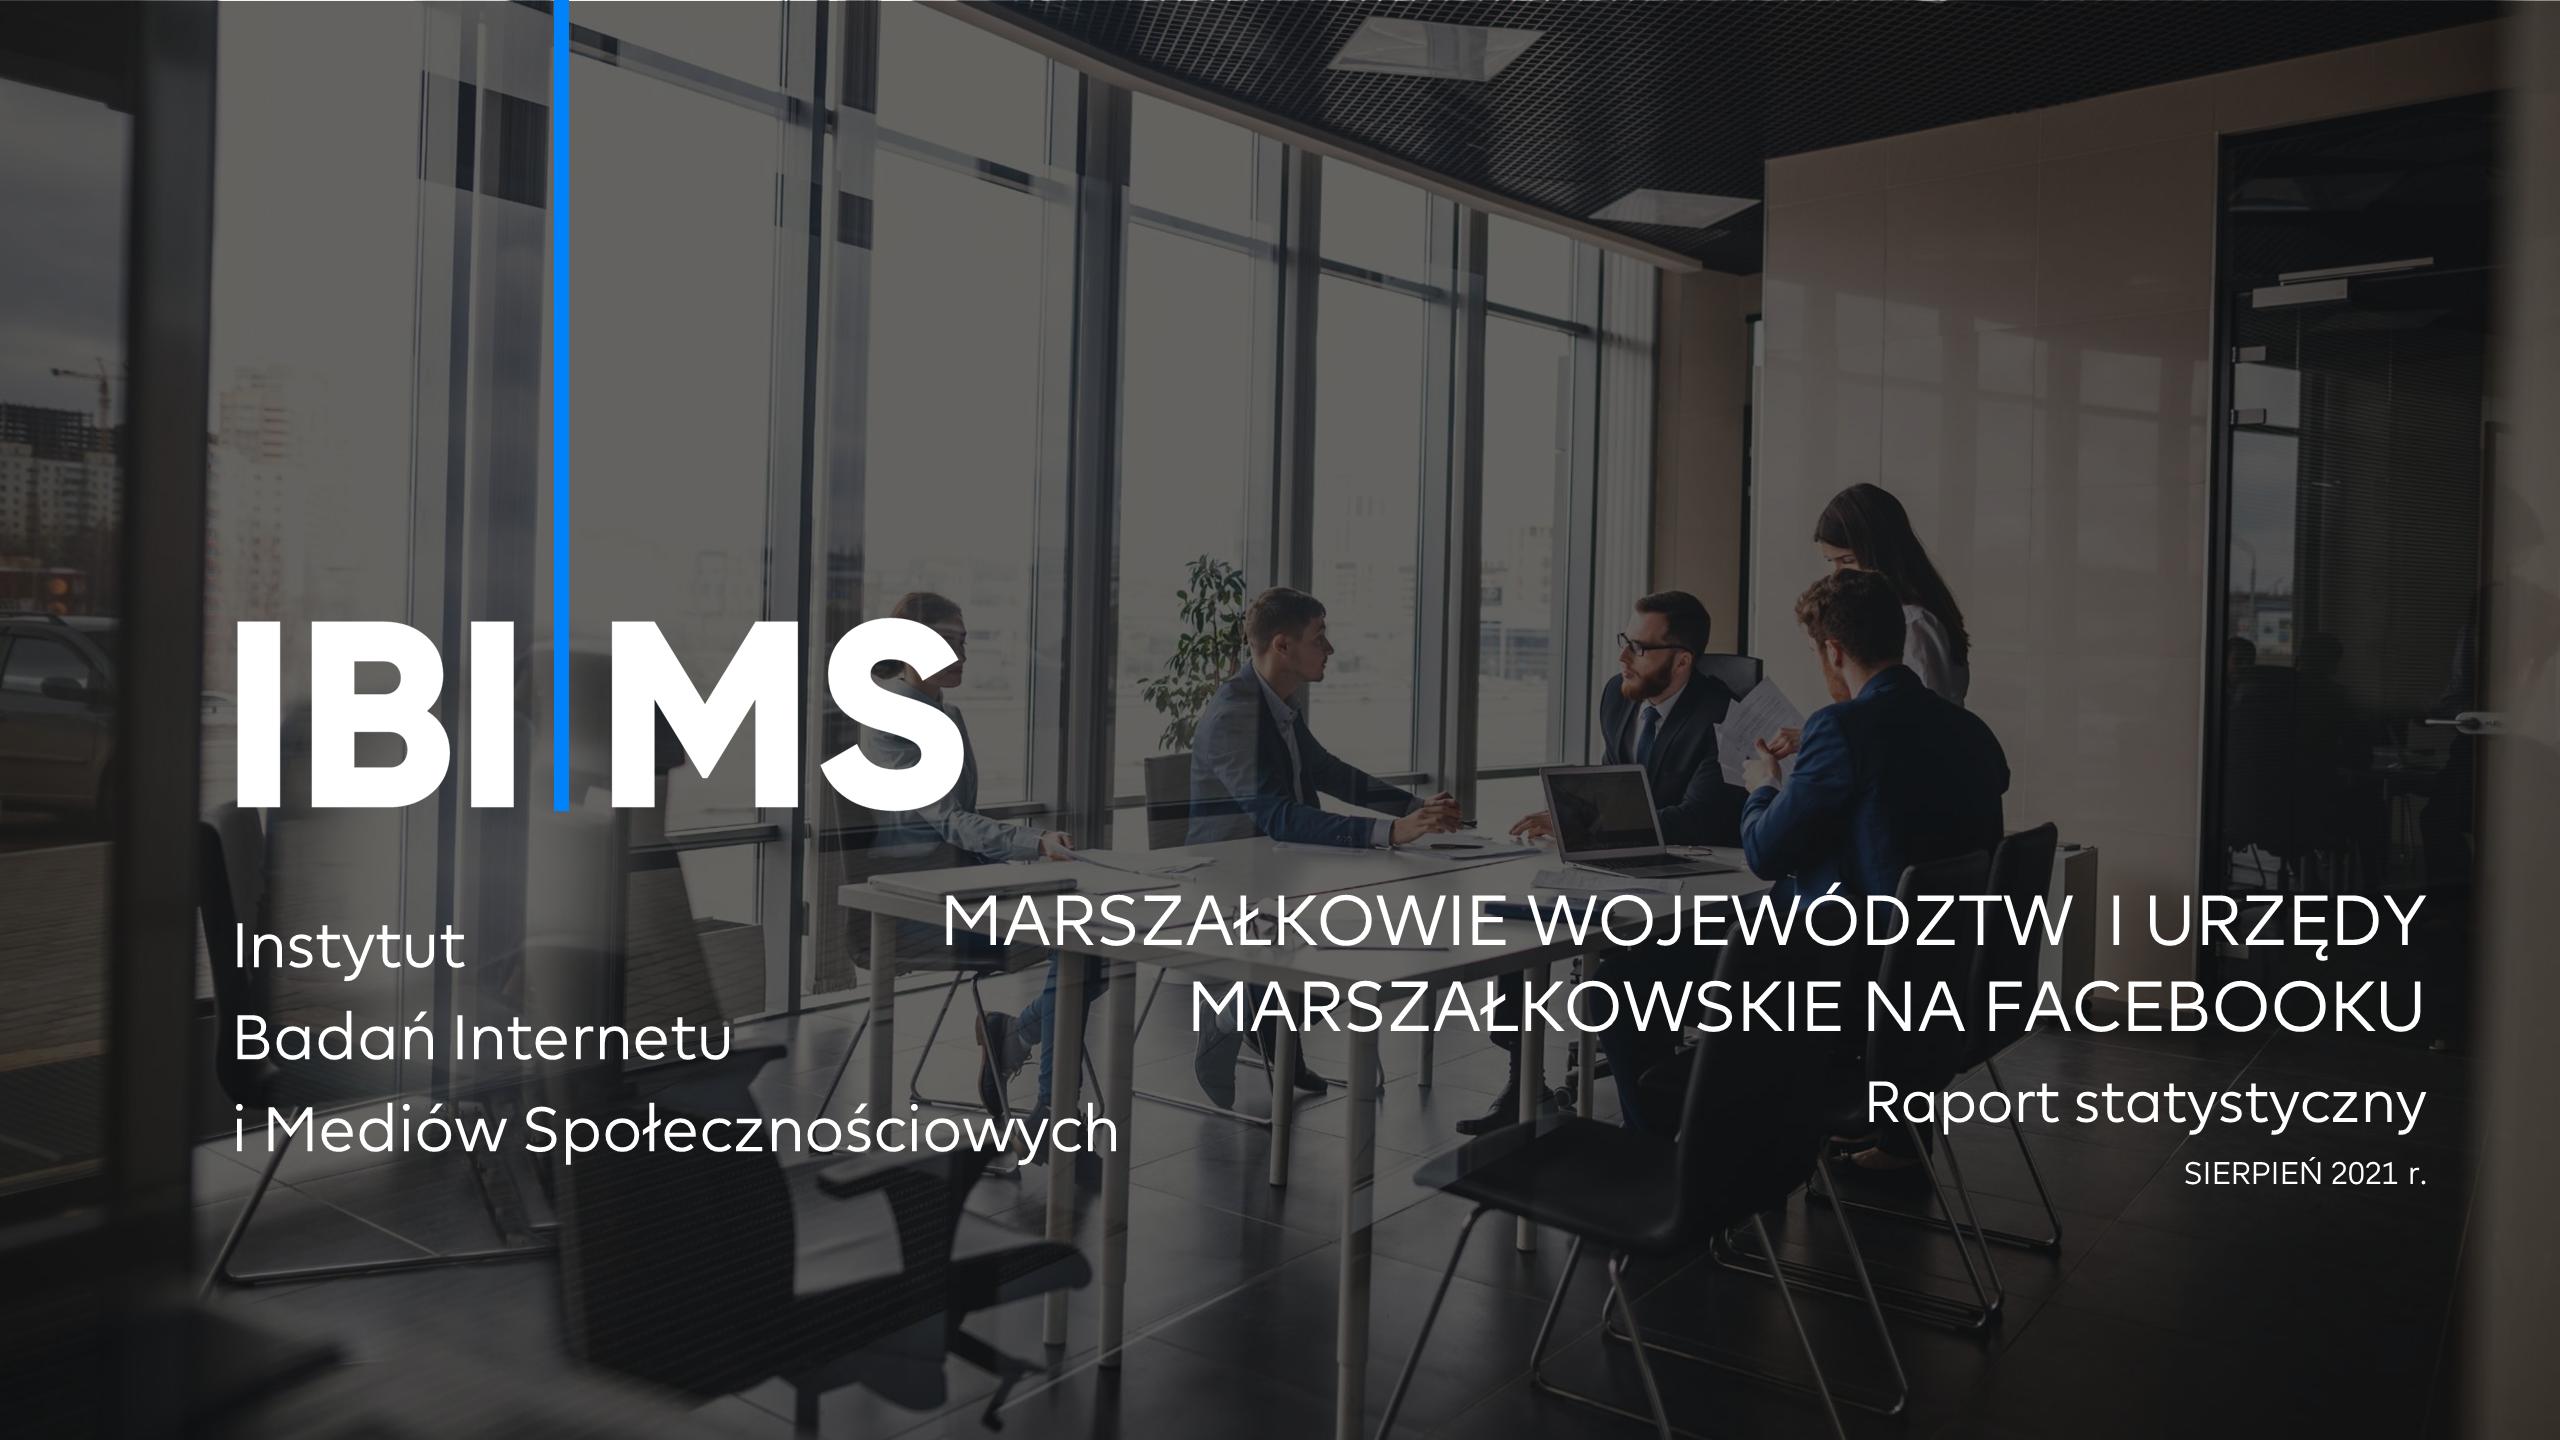 Marszałkowie województw i urzędy marszałkowskie na Facebooku – Raport IBIMS sierpień 2021